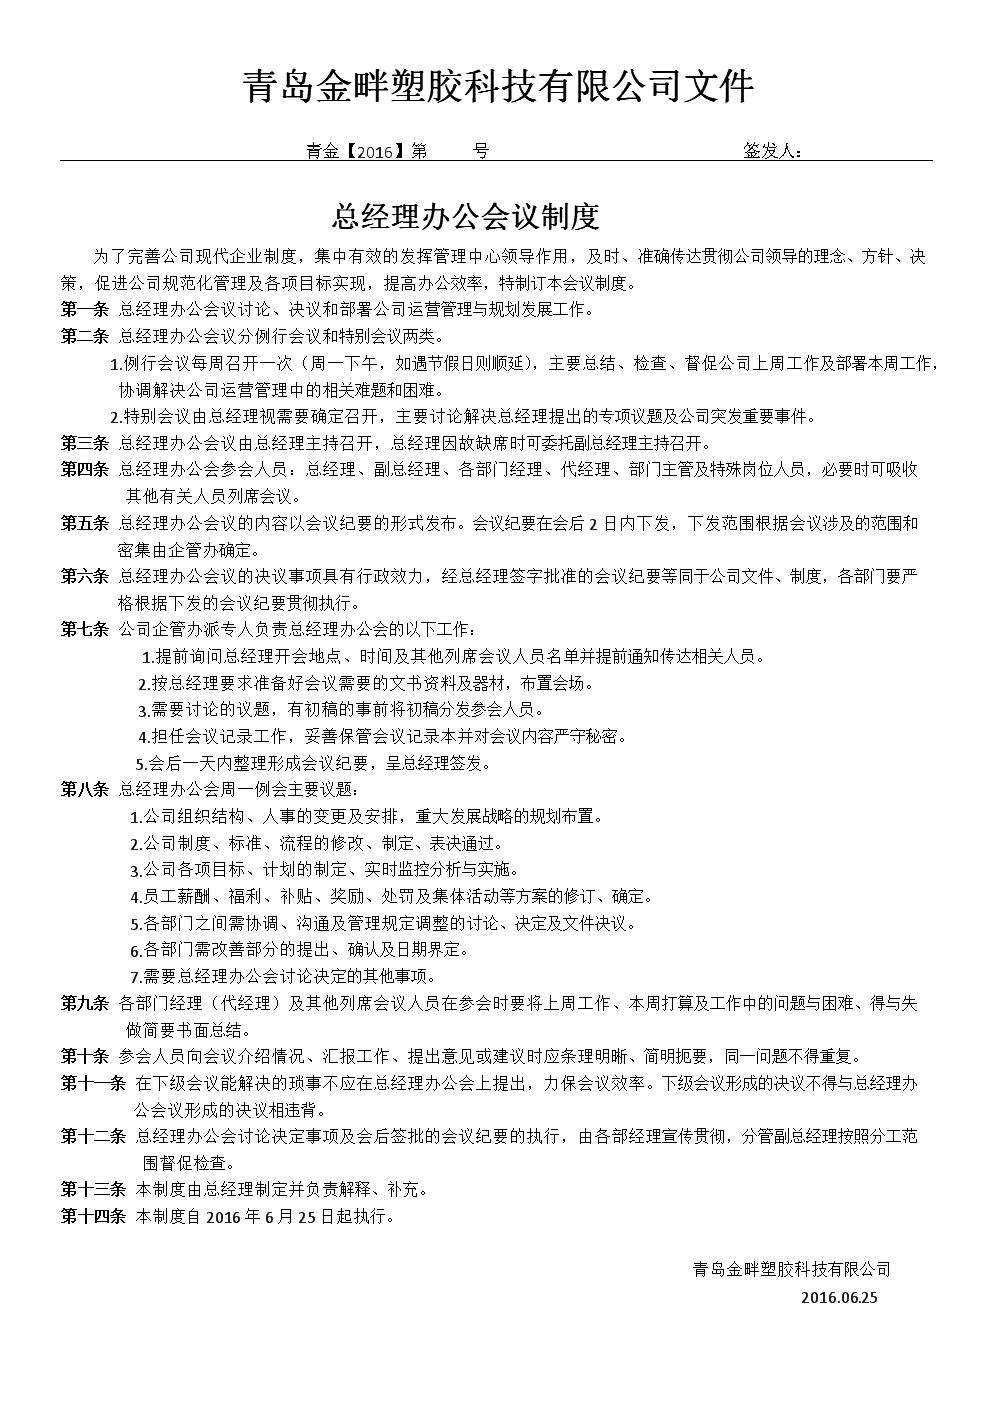 总经办会议制度.docx